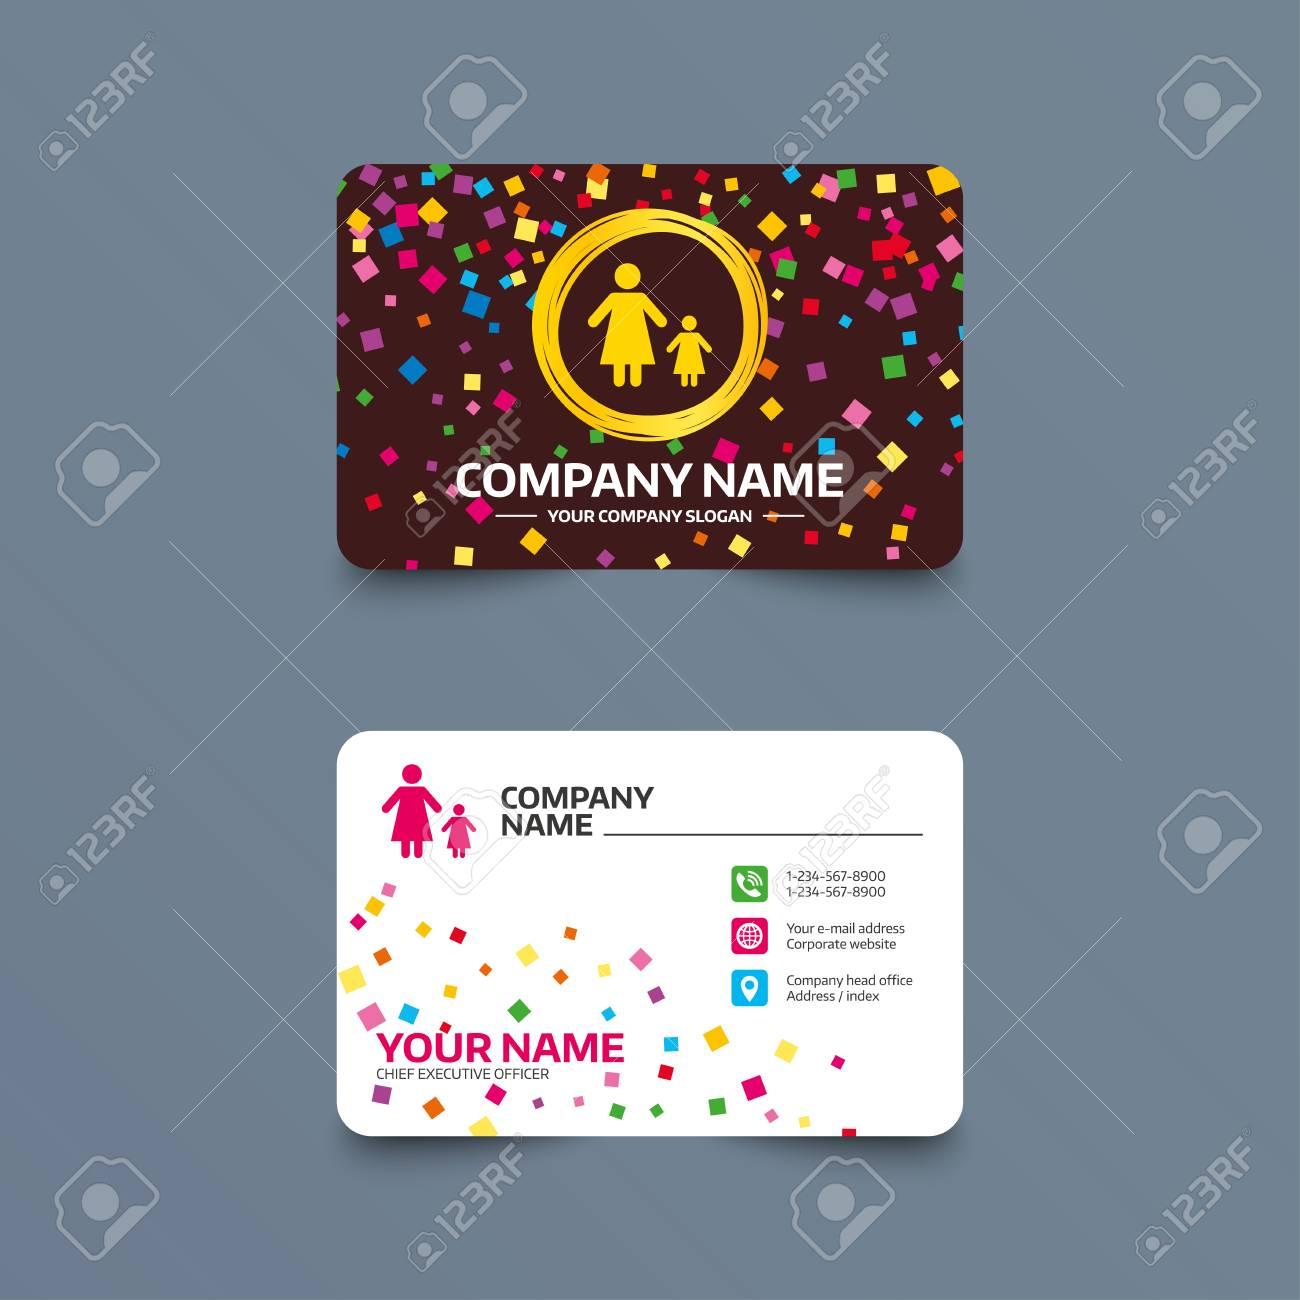 Modle De Carte Visite Avec Des Morceaux Confettis Famille Monoparentale Un Icne Signe Enfant Mre Le Symbole La Fille